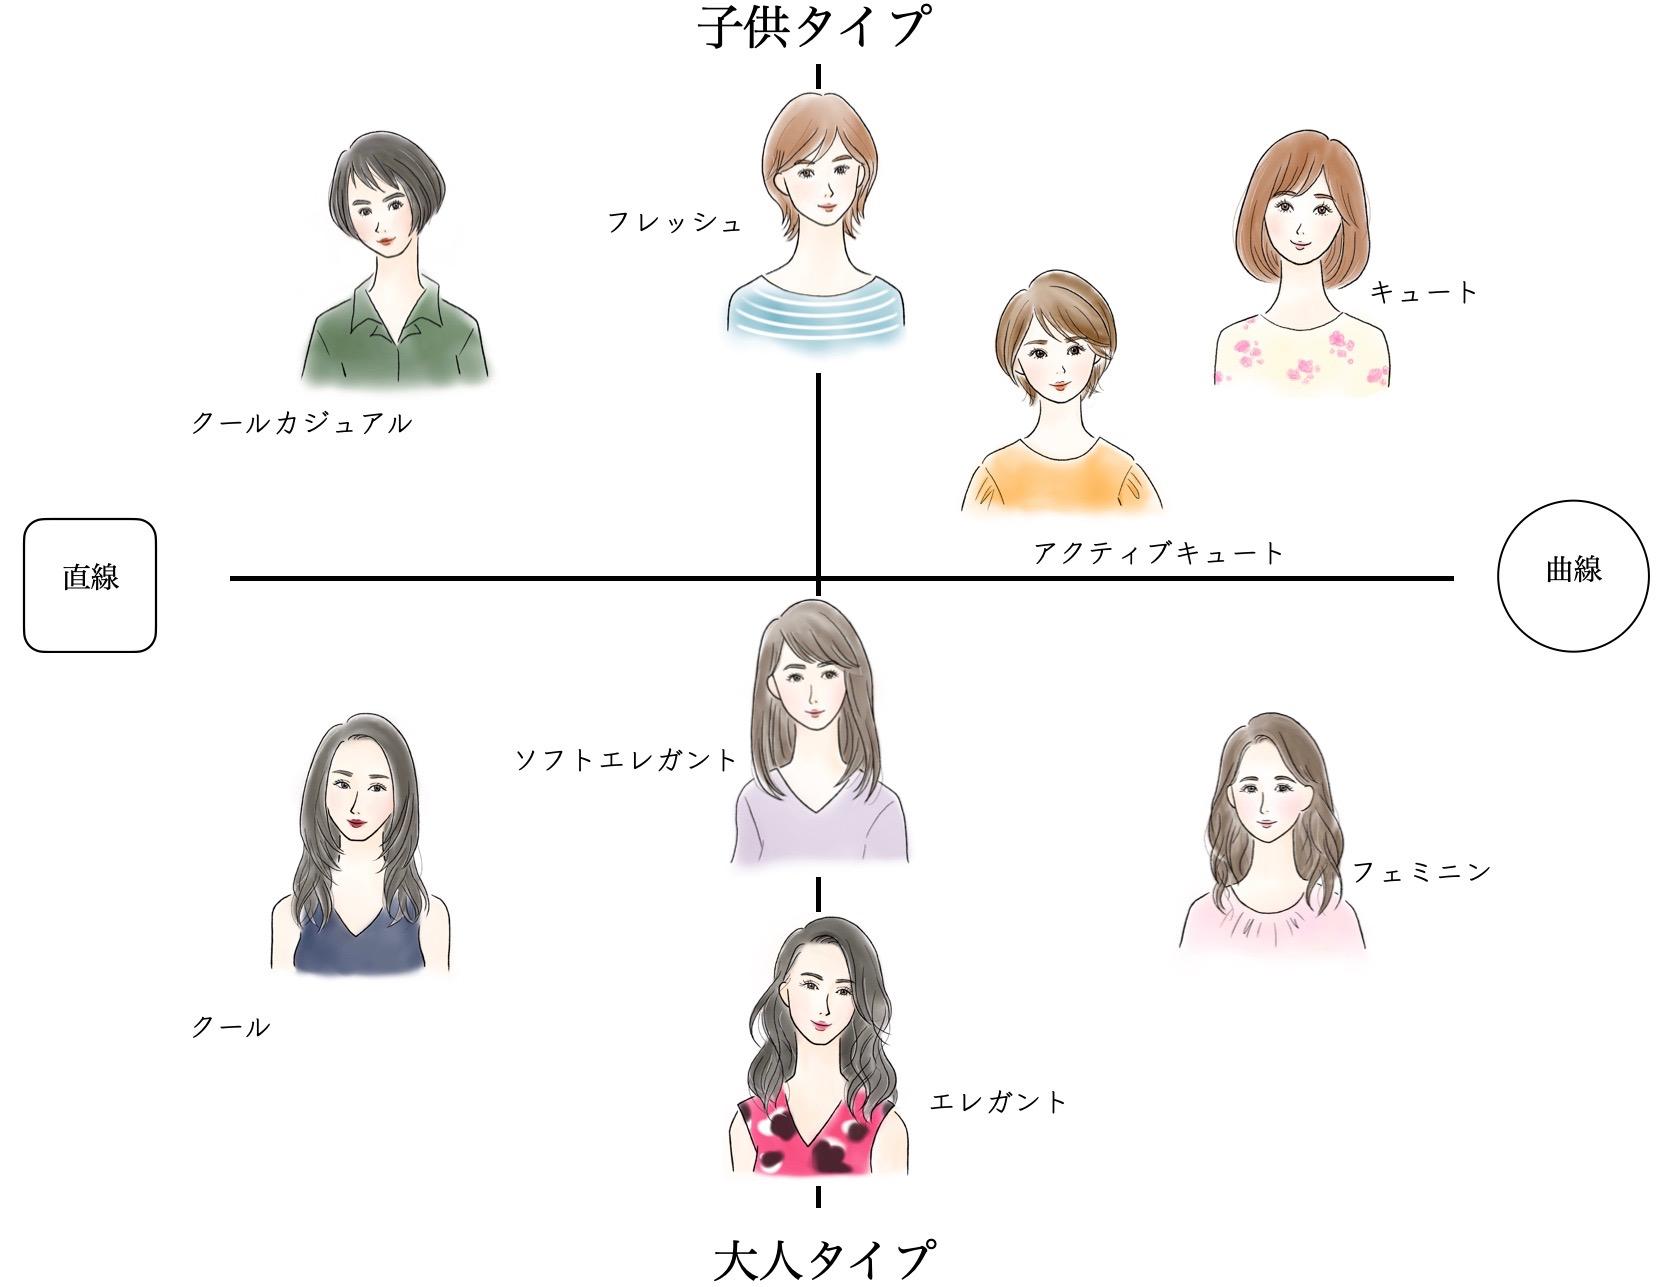 エレガント 芸能人 ソフト